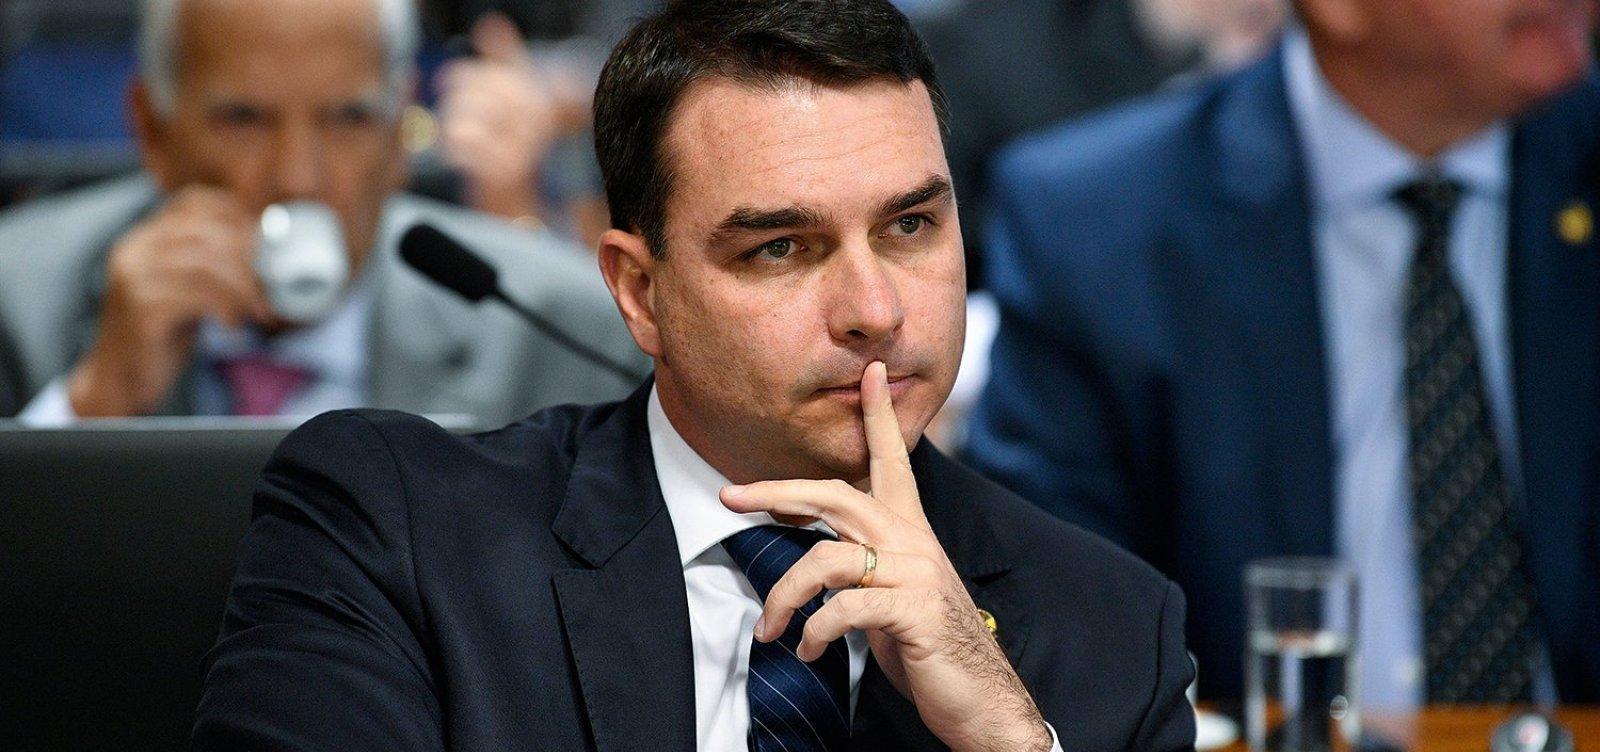 STJ anula quebra de sigilo de Flávio Bolsonaro no caso das 'rachadinhas'